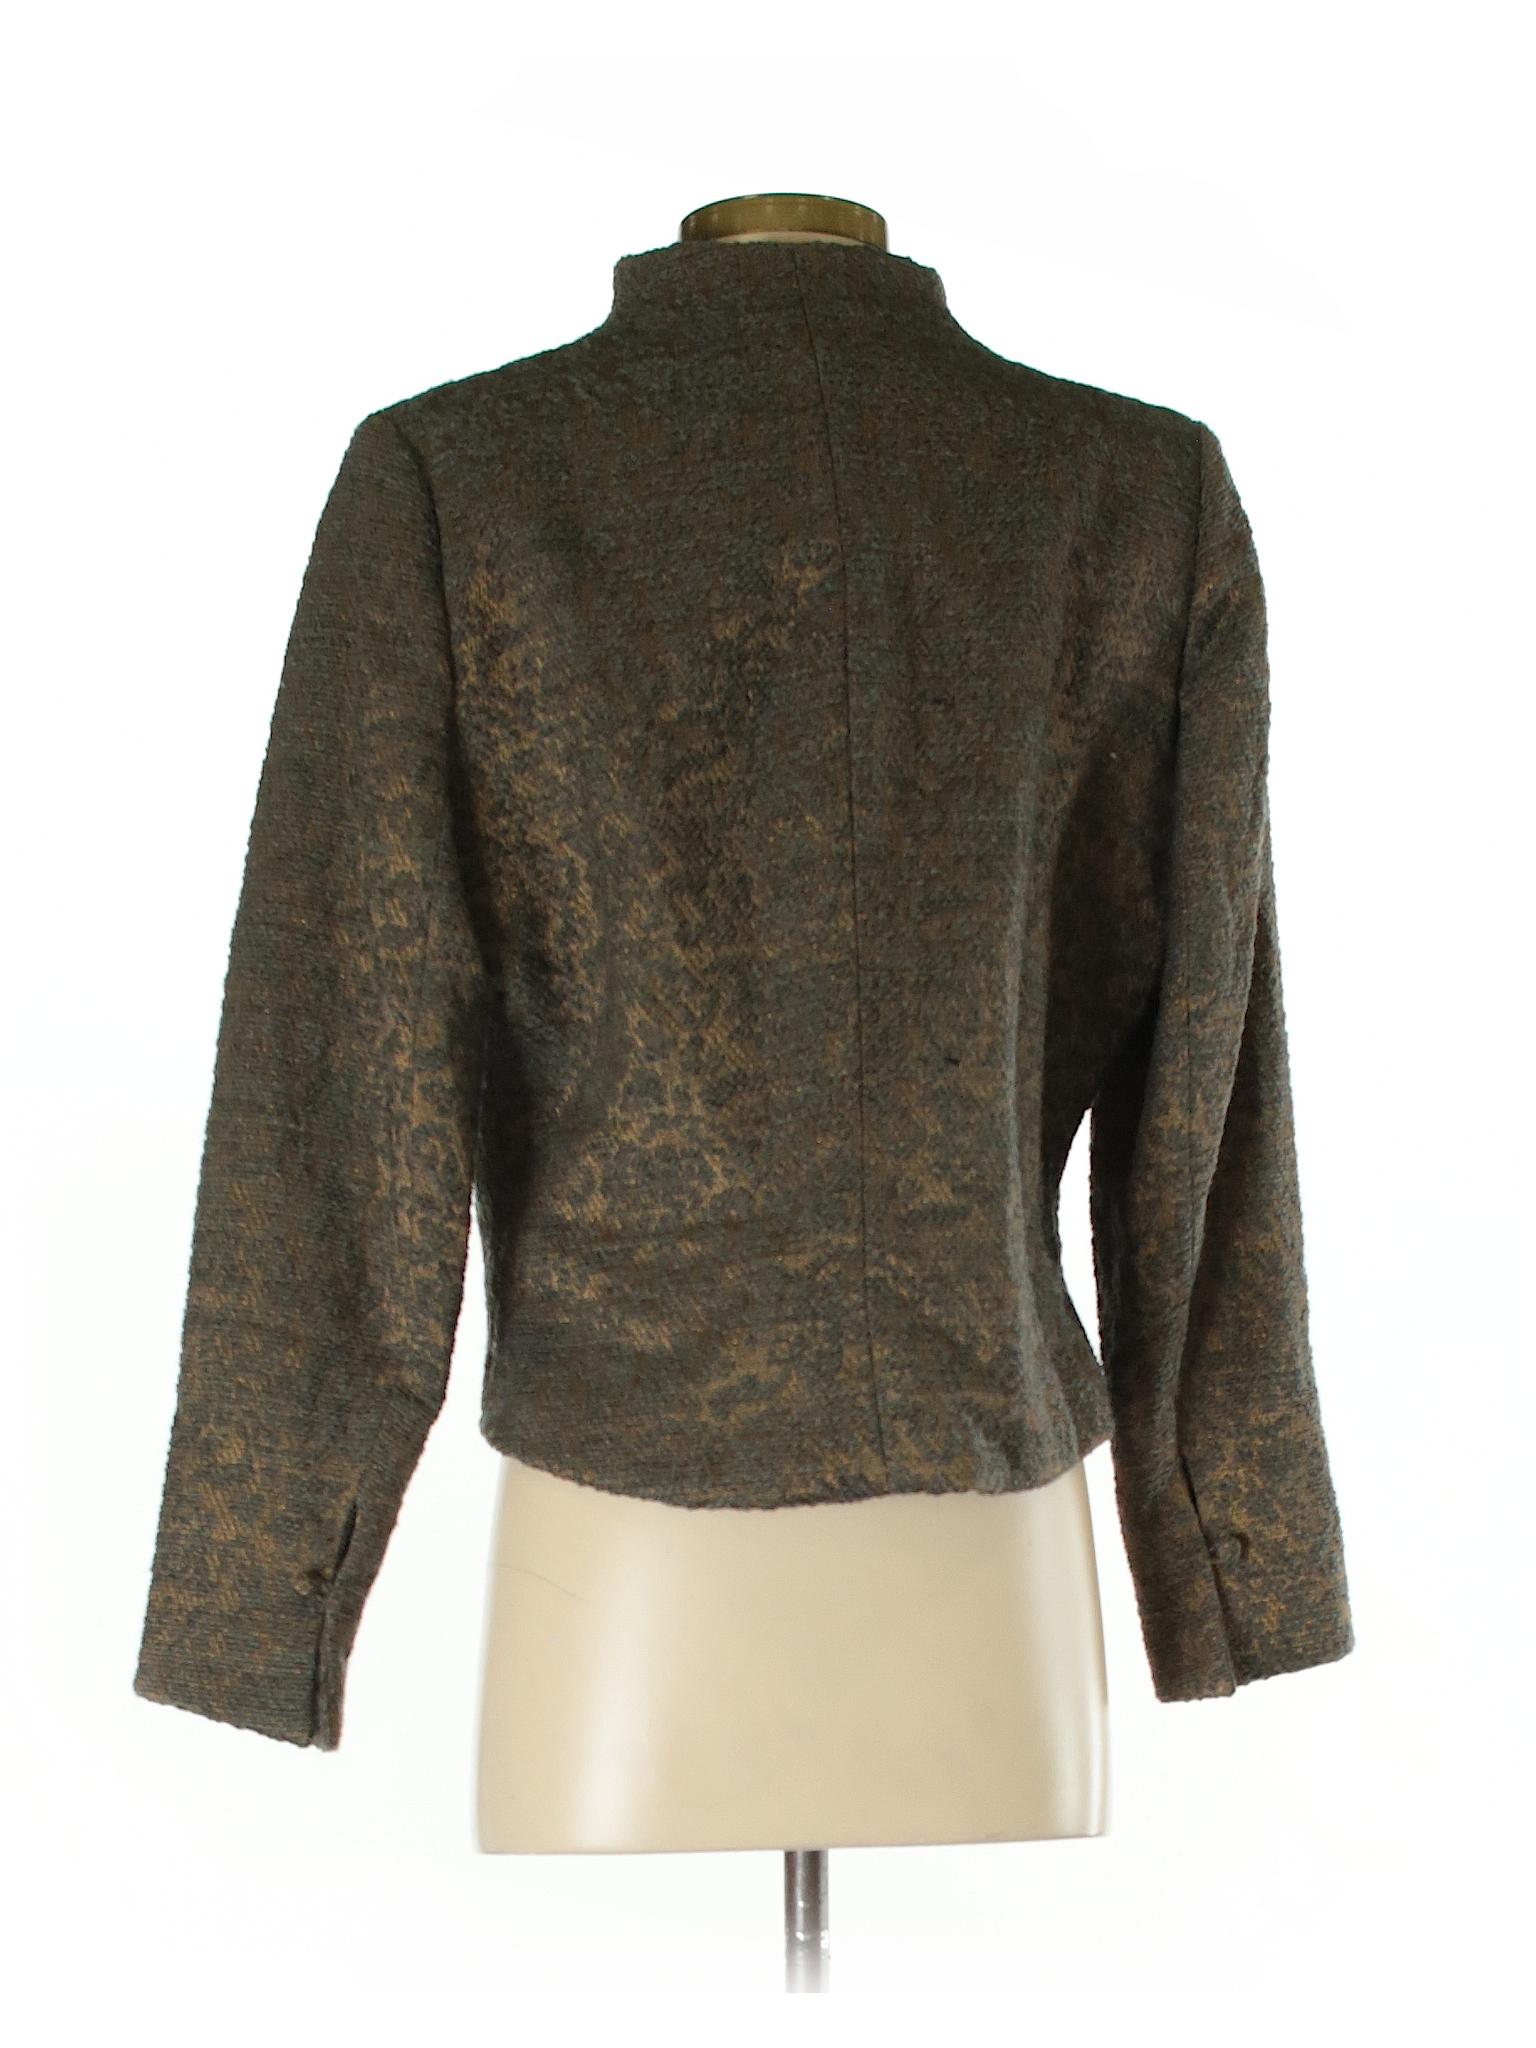 Boutique Boutique Wool Mark Blazer Mark Blazer Boutique Mark Heister Wool Heister Wool Heister TI6dTq